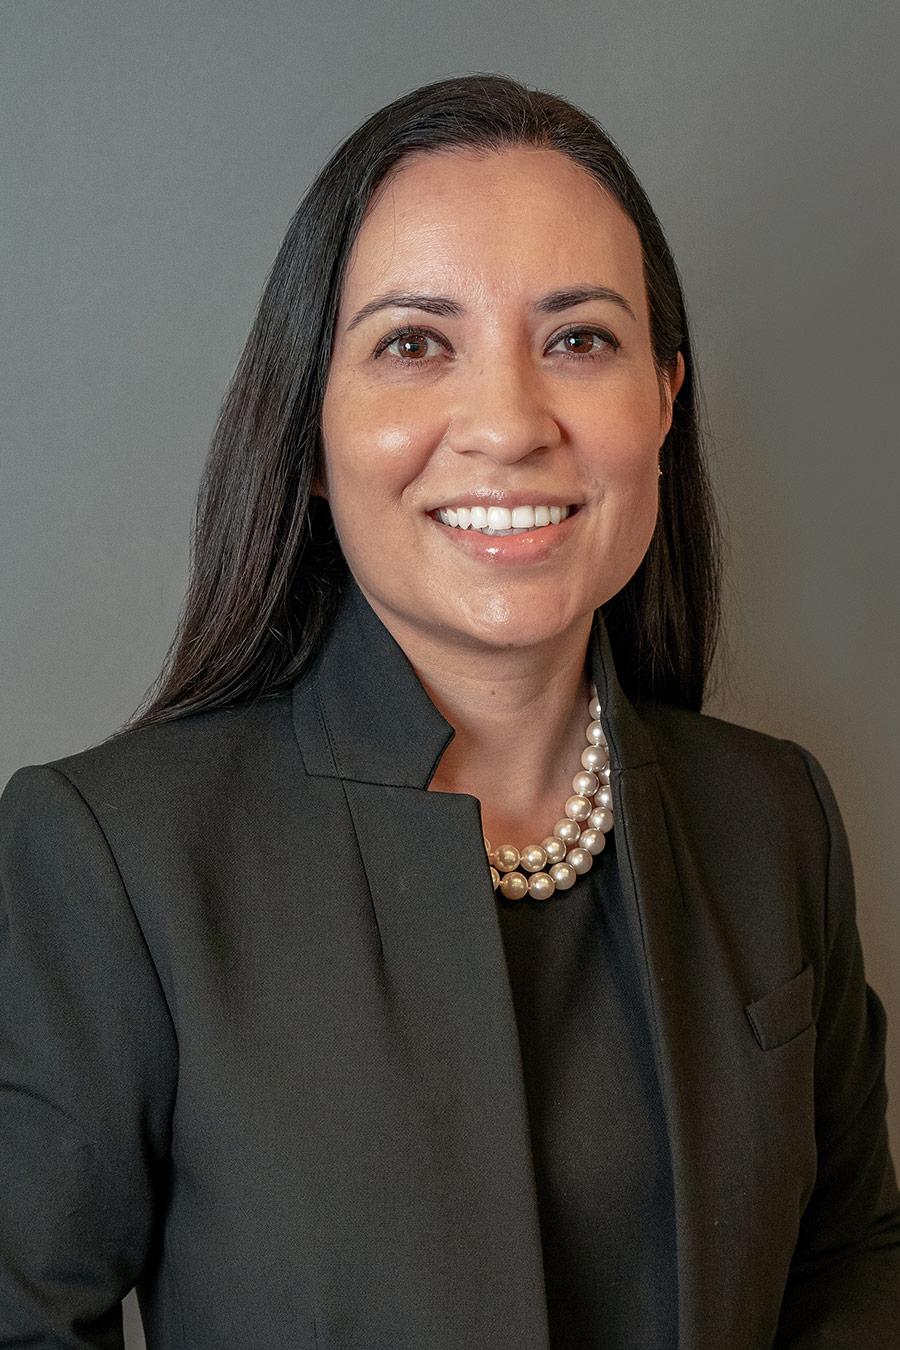 Linda Cavazos Castillo